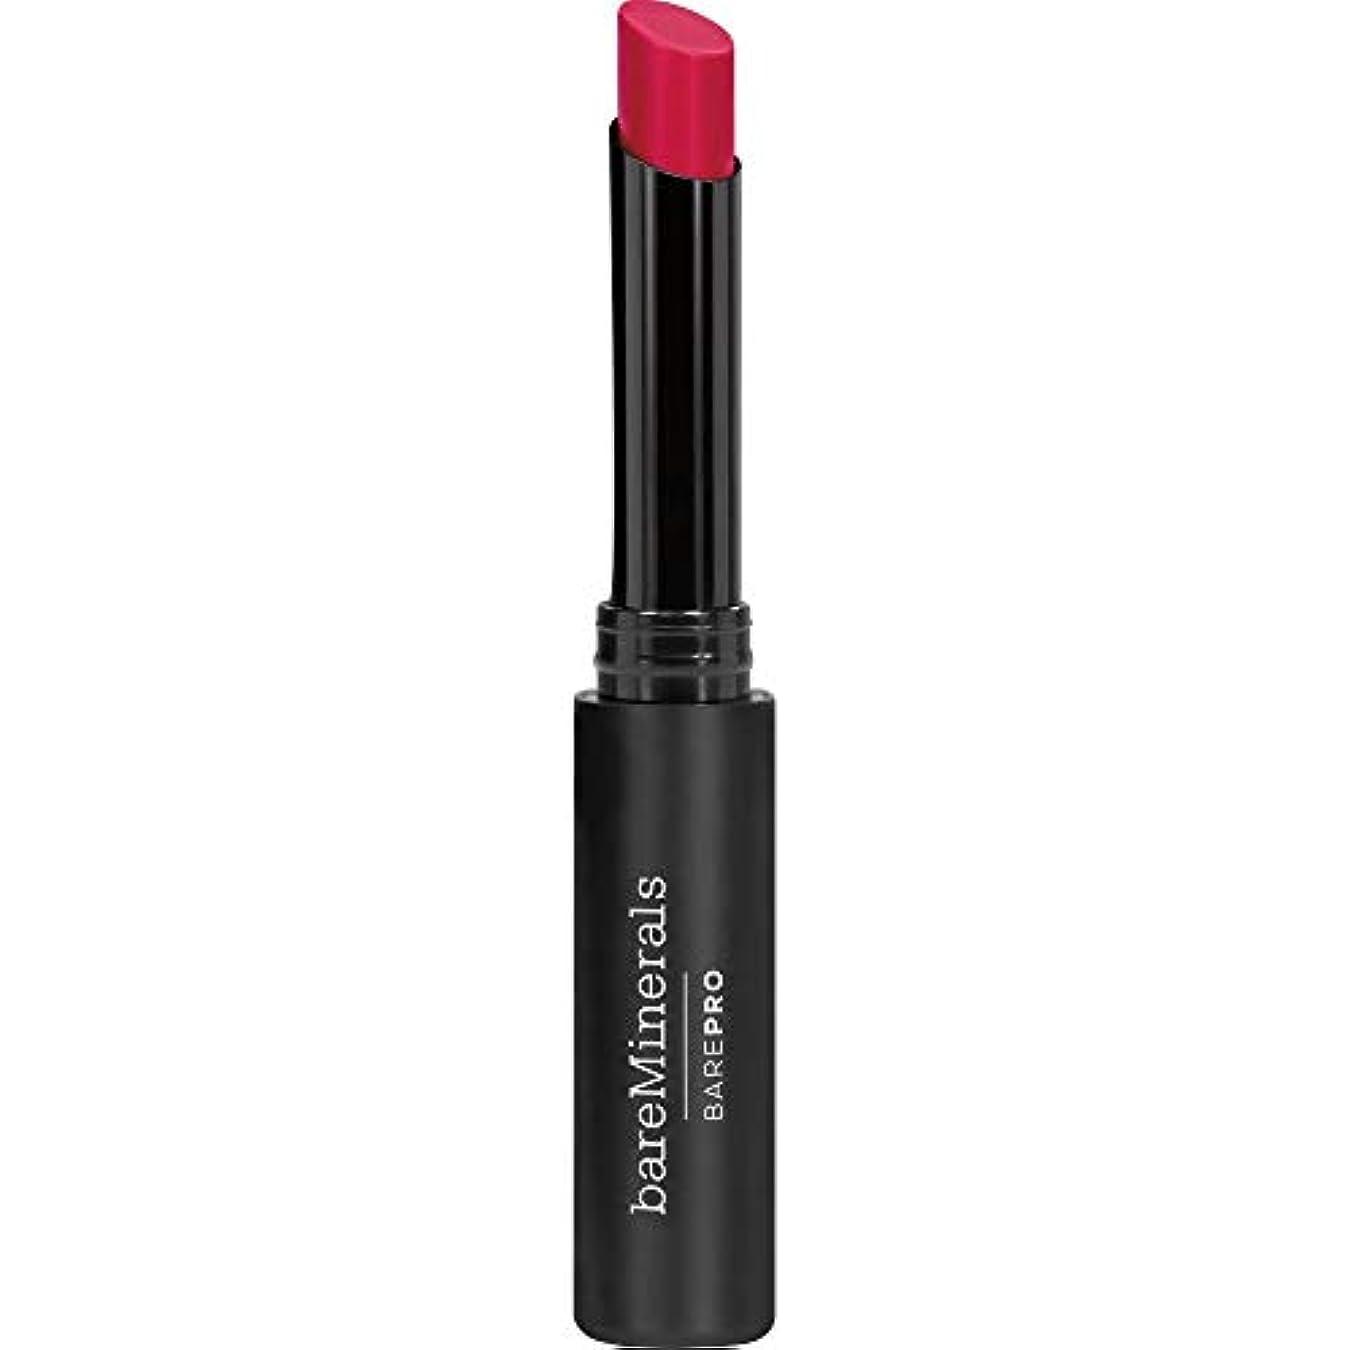 不完全極貧メタリック[bareMinerals] ベアミネラルBarepro Longwear口紅の2グラムのハイビスカス - bareMinerals BarePro Longwear Lipstick 2g Hibiscus [並行輸入品]